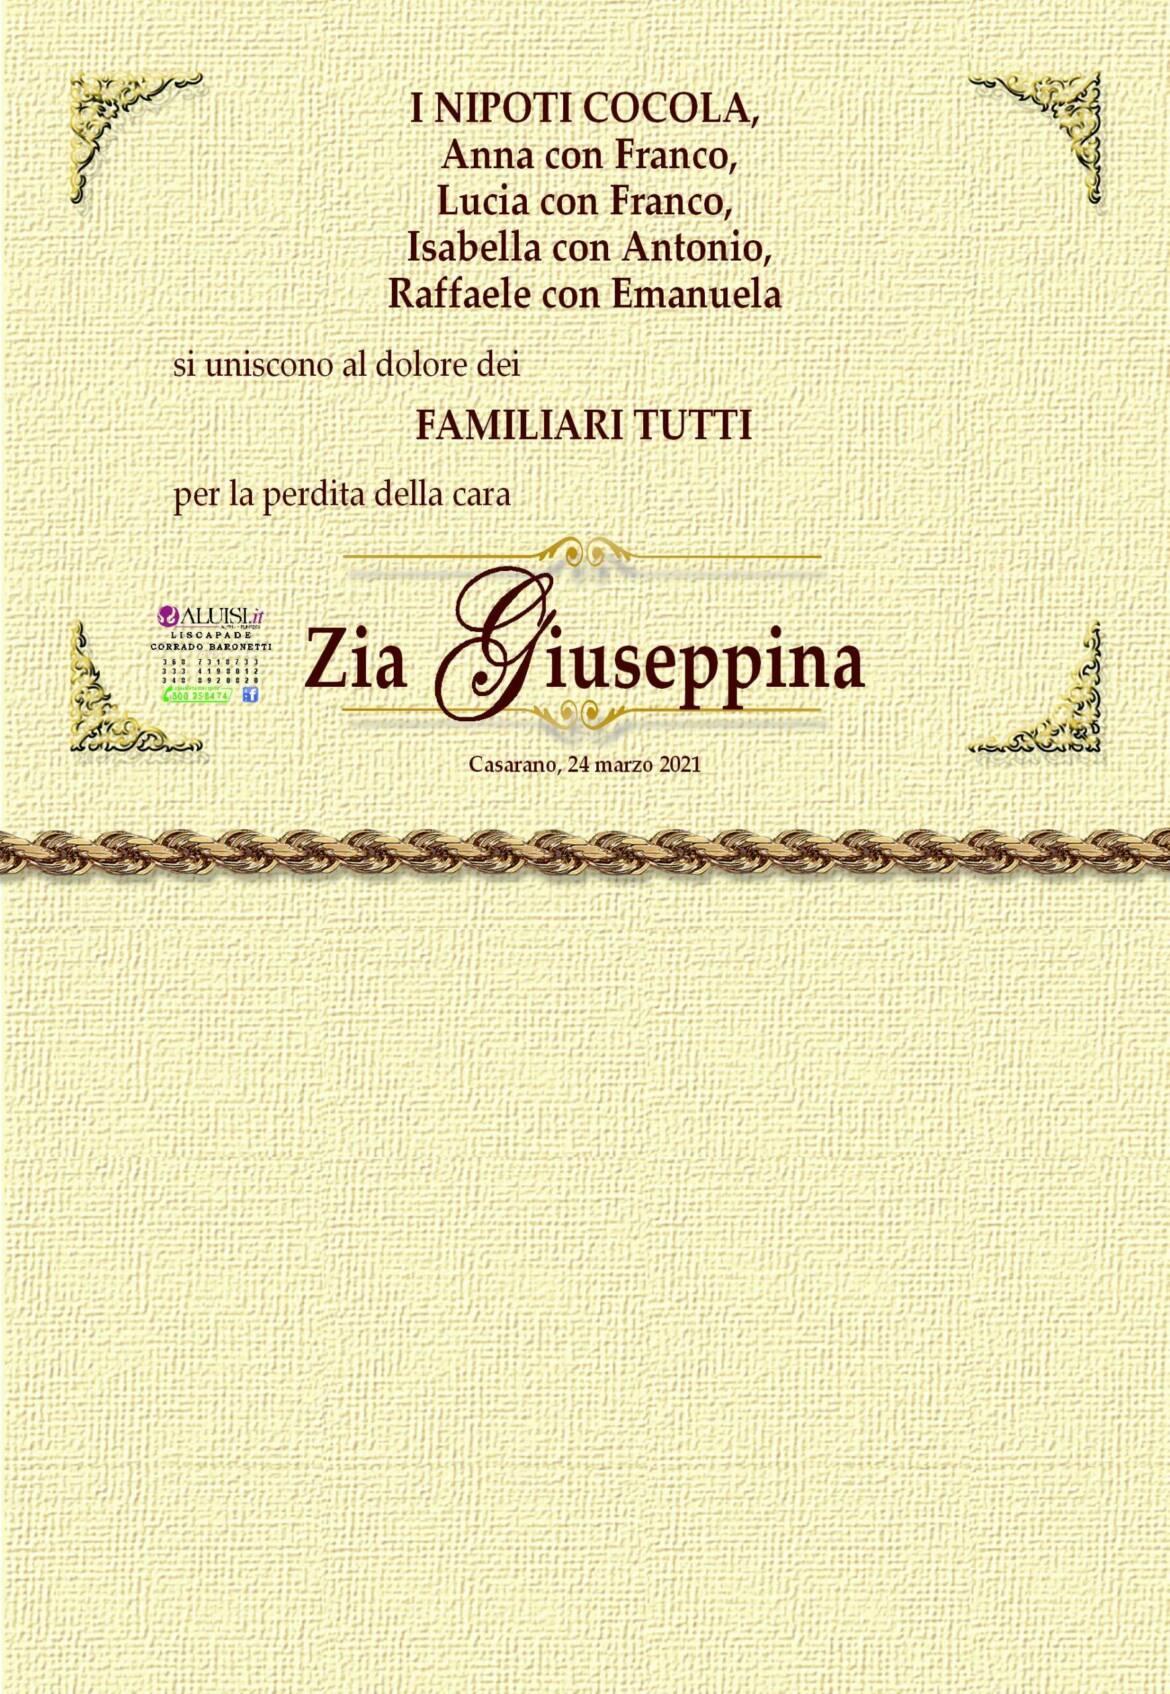 PARTECIPAZIONe-GIUSEPPINA-BARLABa-vedova-Cocola-CASARANO-scaled.jpg